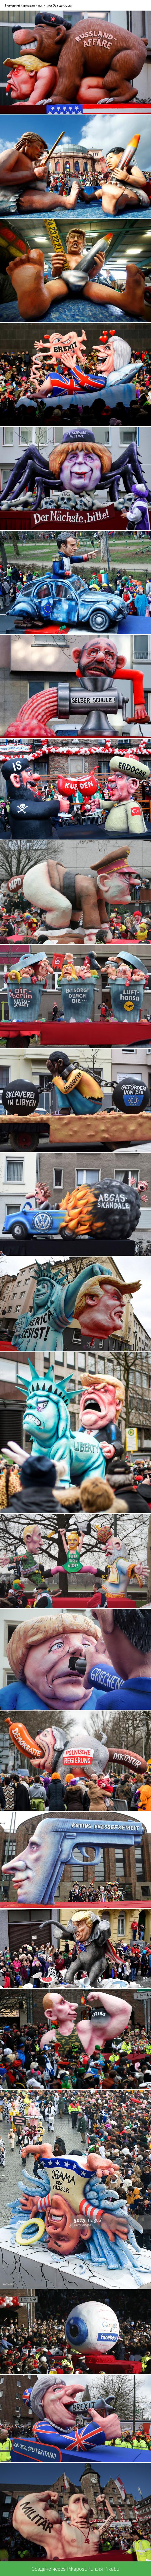 Немецкий карнавал - политика без цензуры Политика, Война и Мир, Любовь, Безответная любовь, Длиннопост